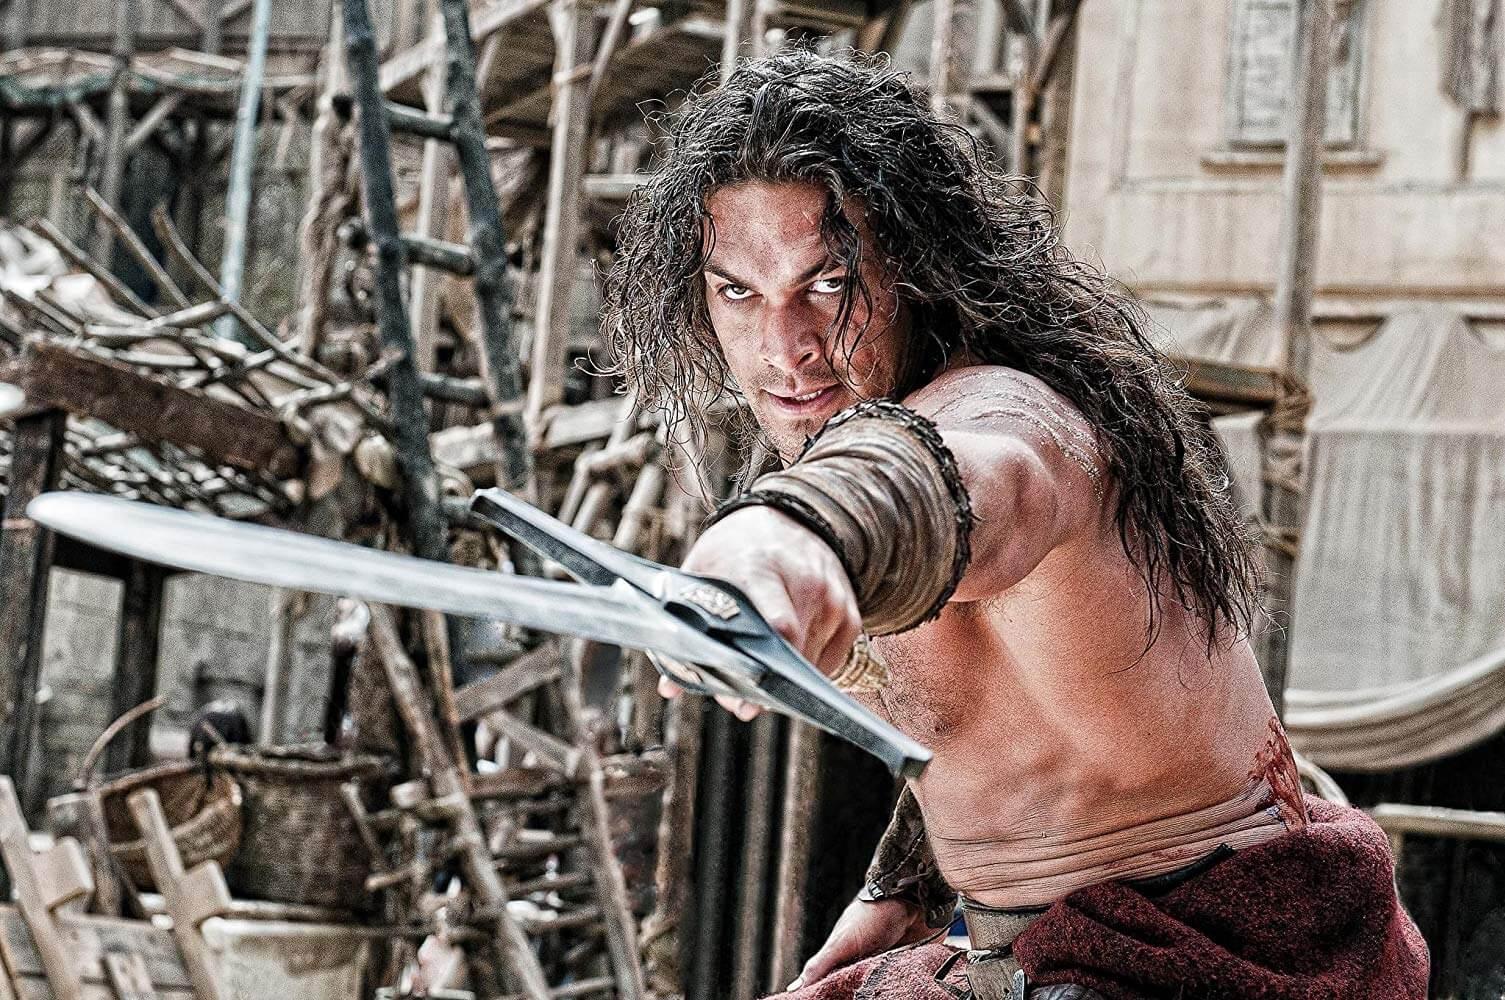 傑森摩莫亞演出電影《王者之劍》。